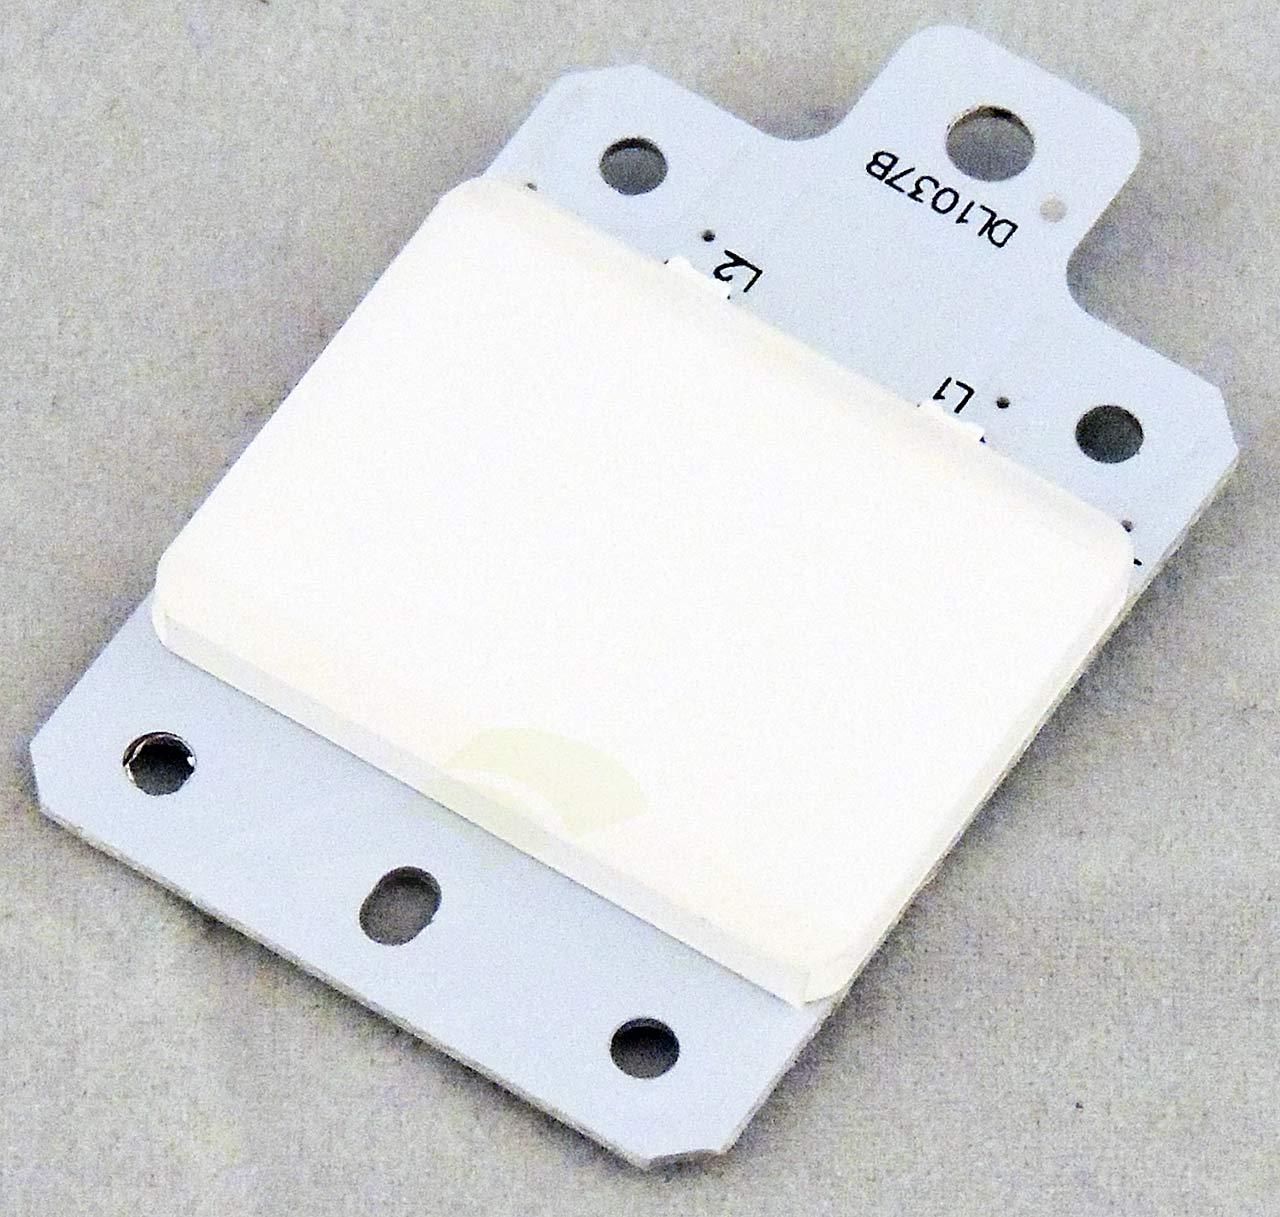 06-rog-sli-led-plate-top.jpg